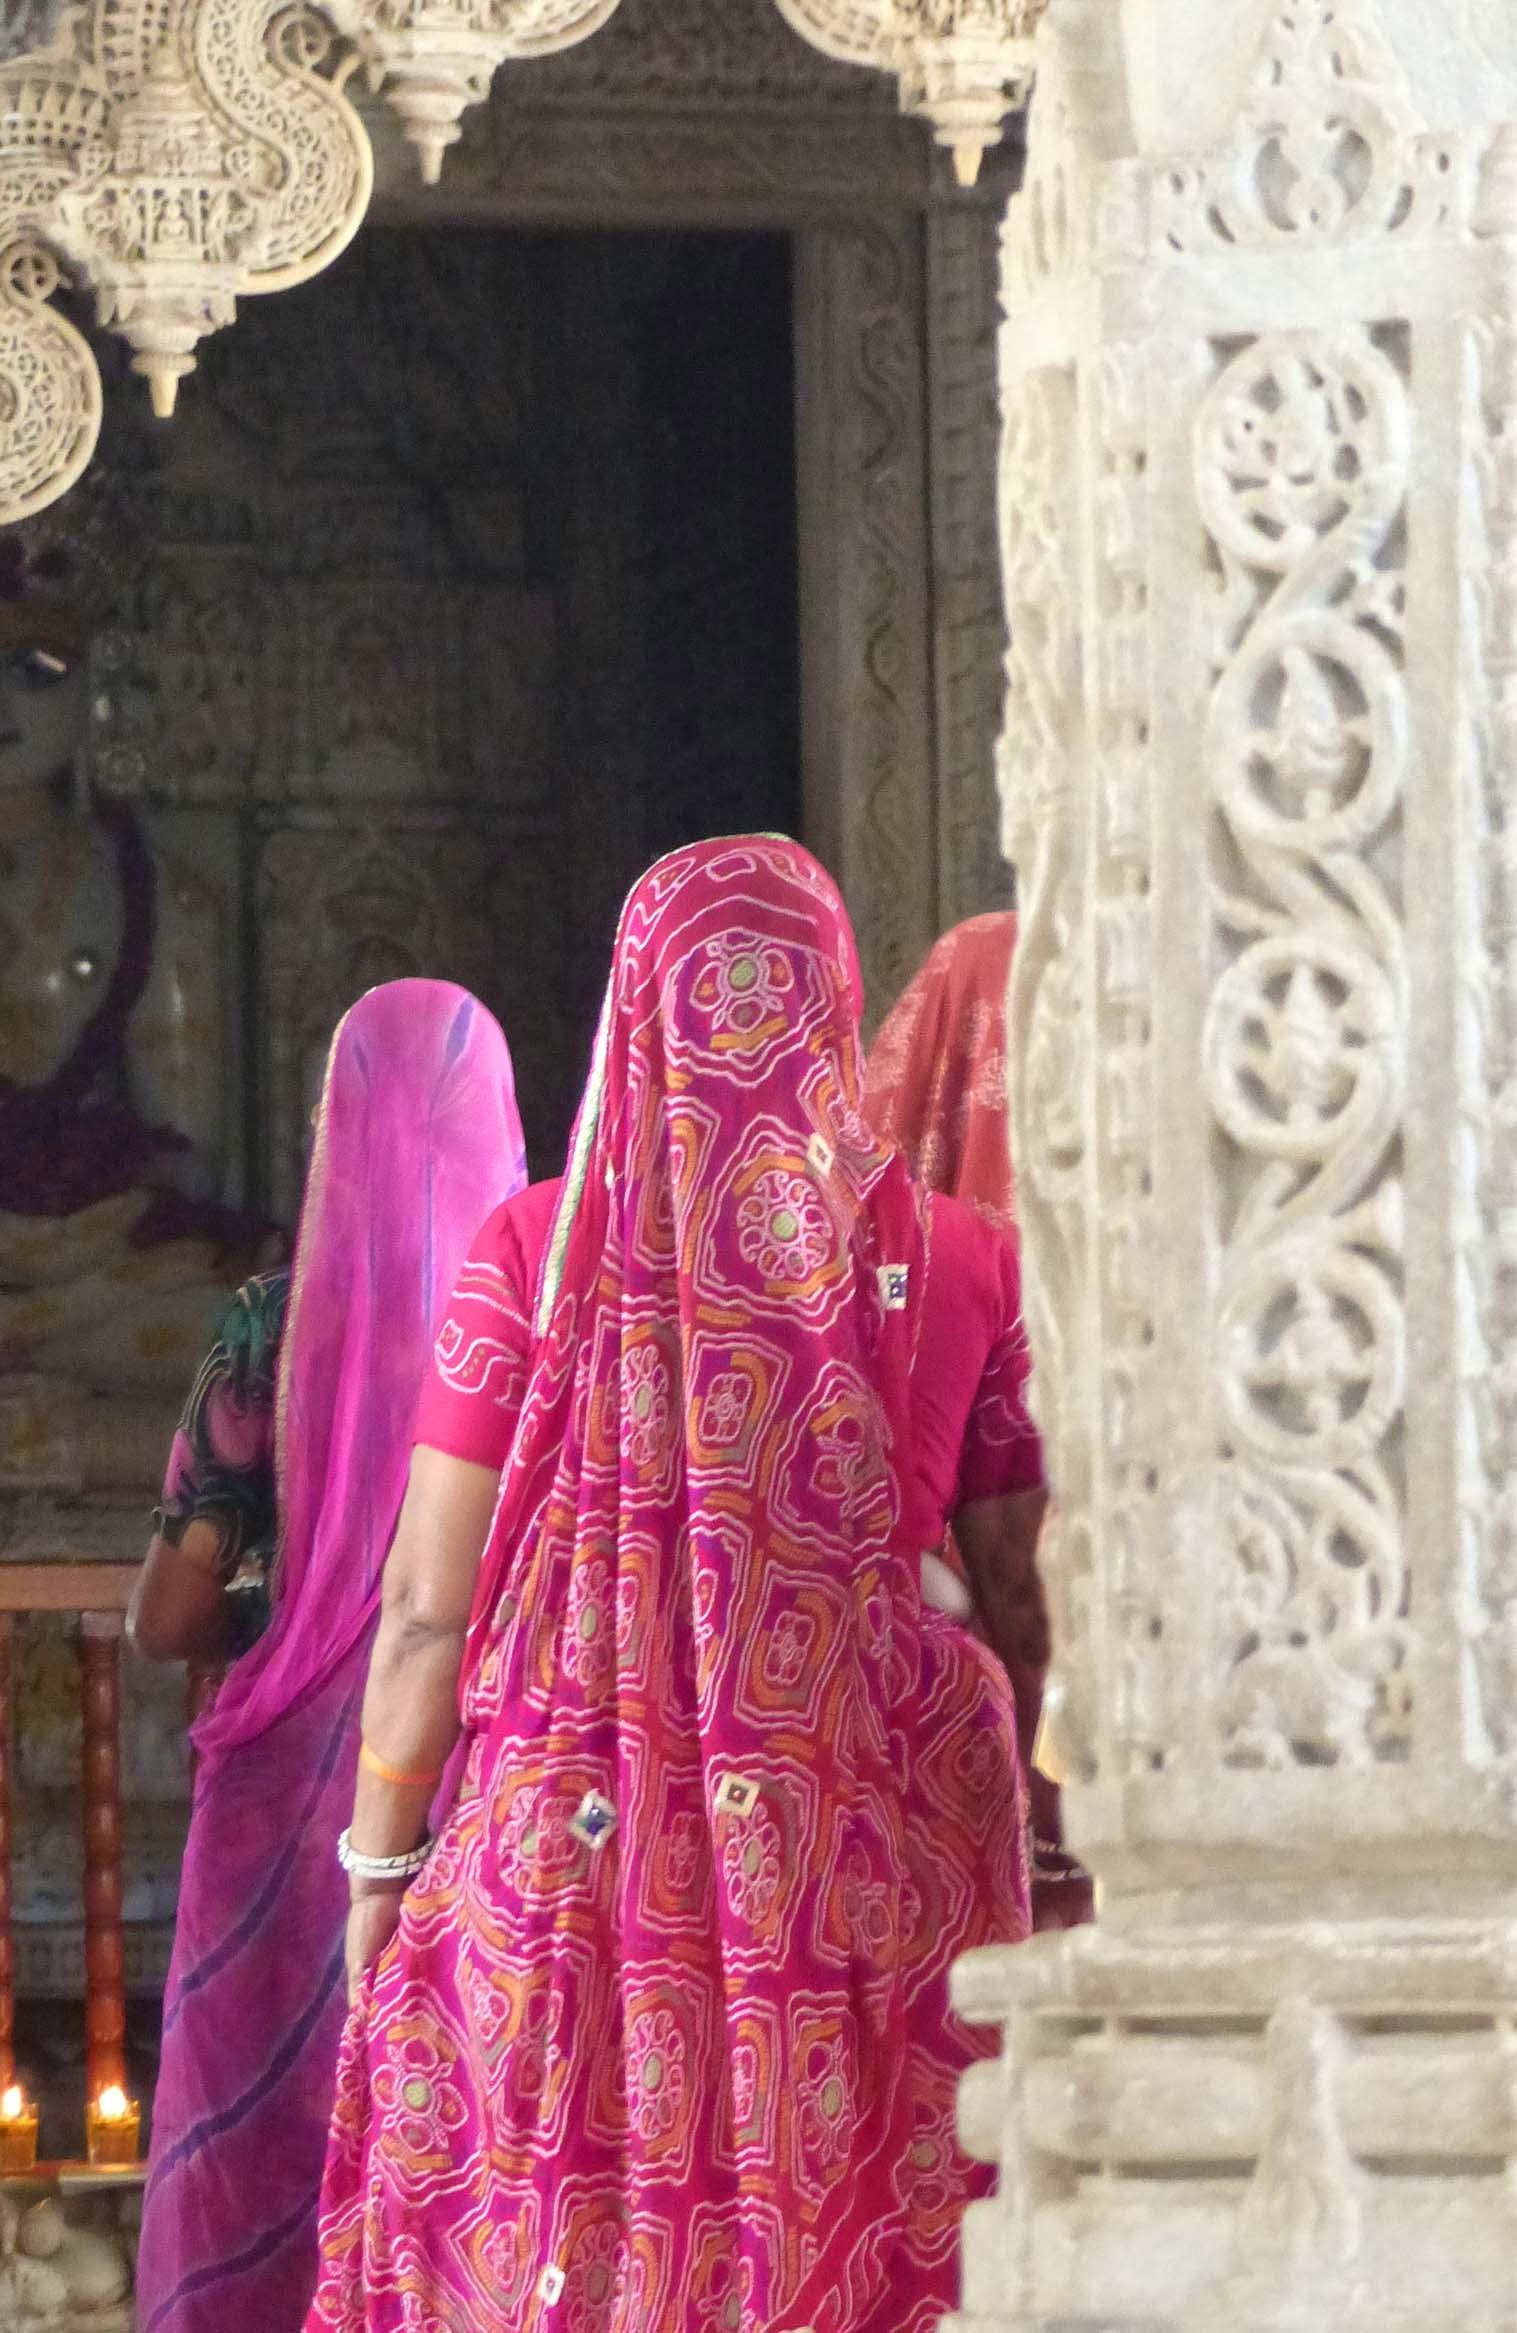 Ladies in pink saris among carved pillars